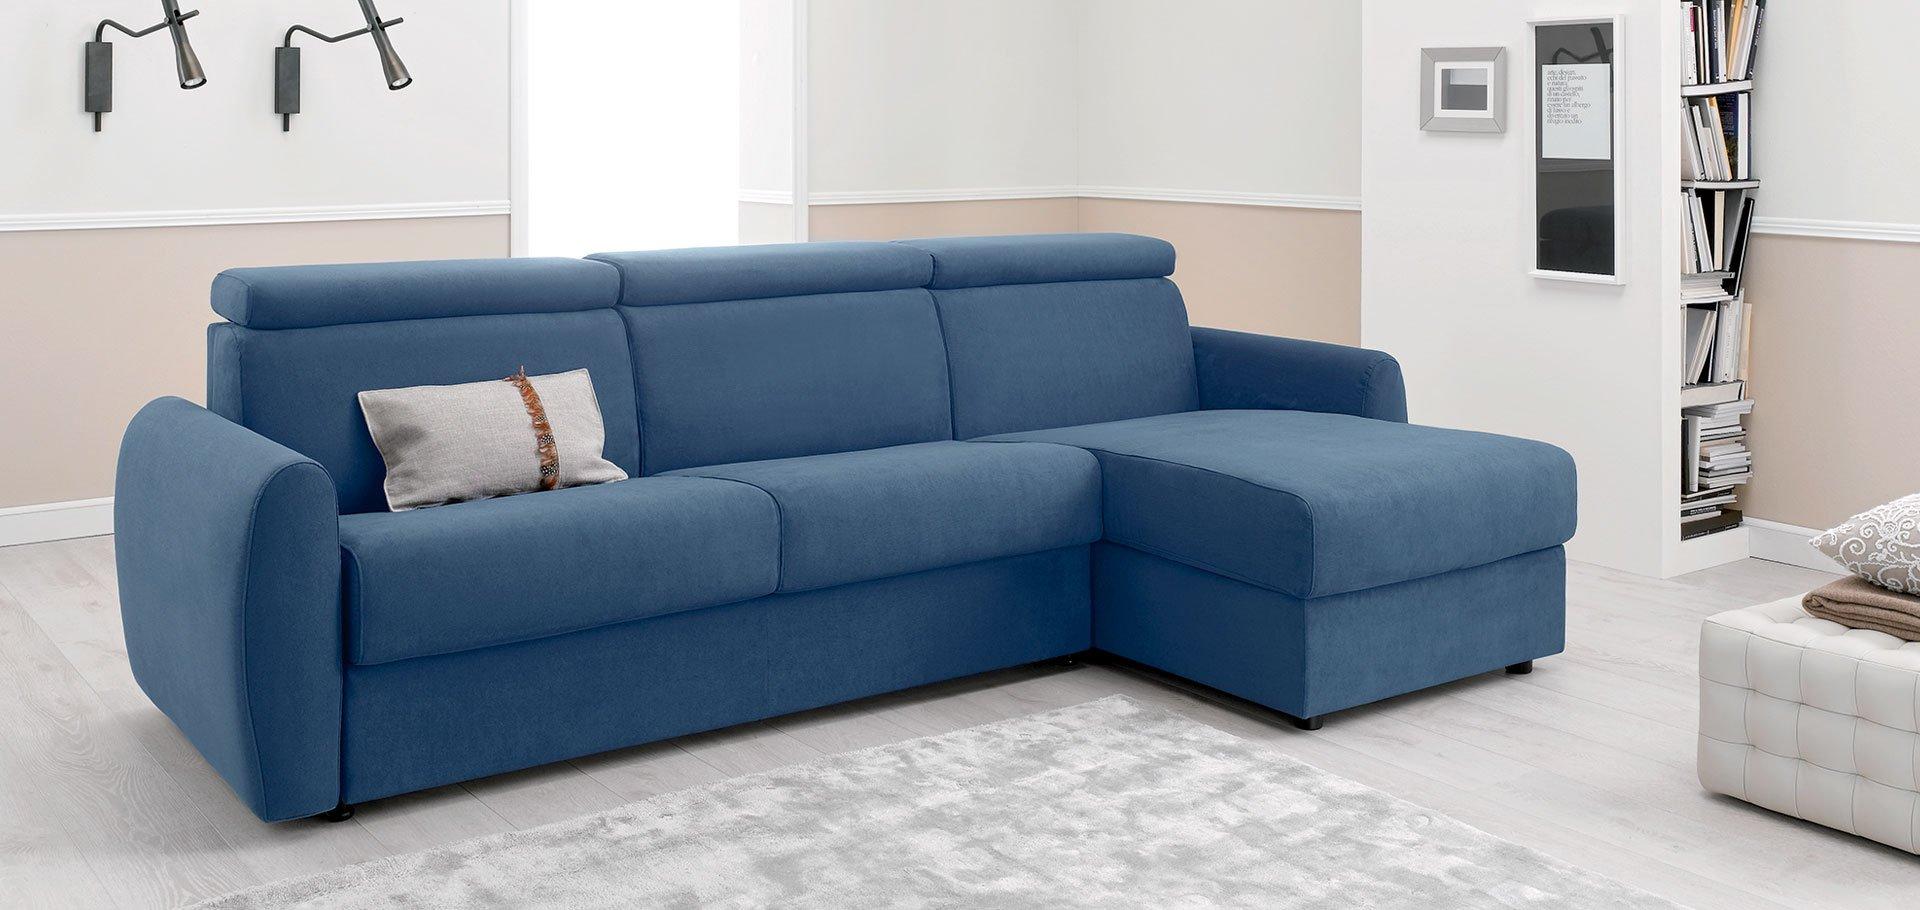 doimo divano letto moore